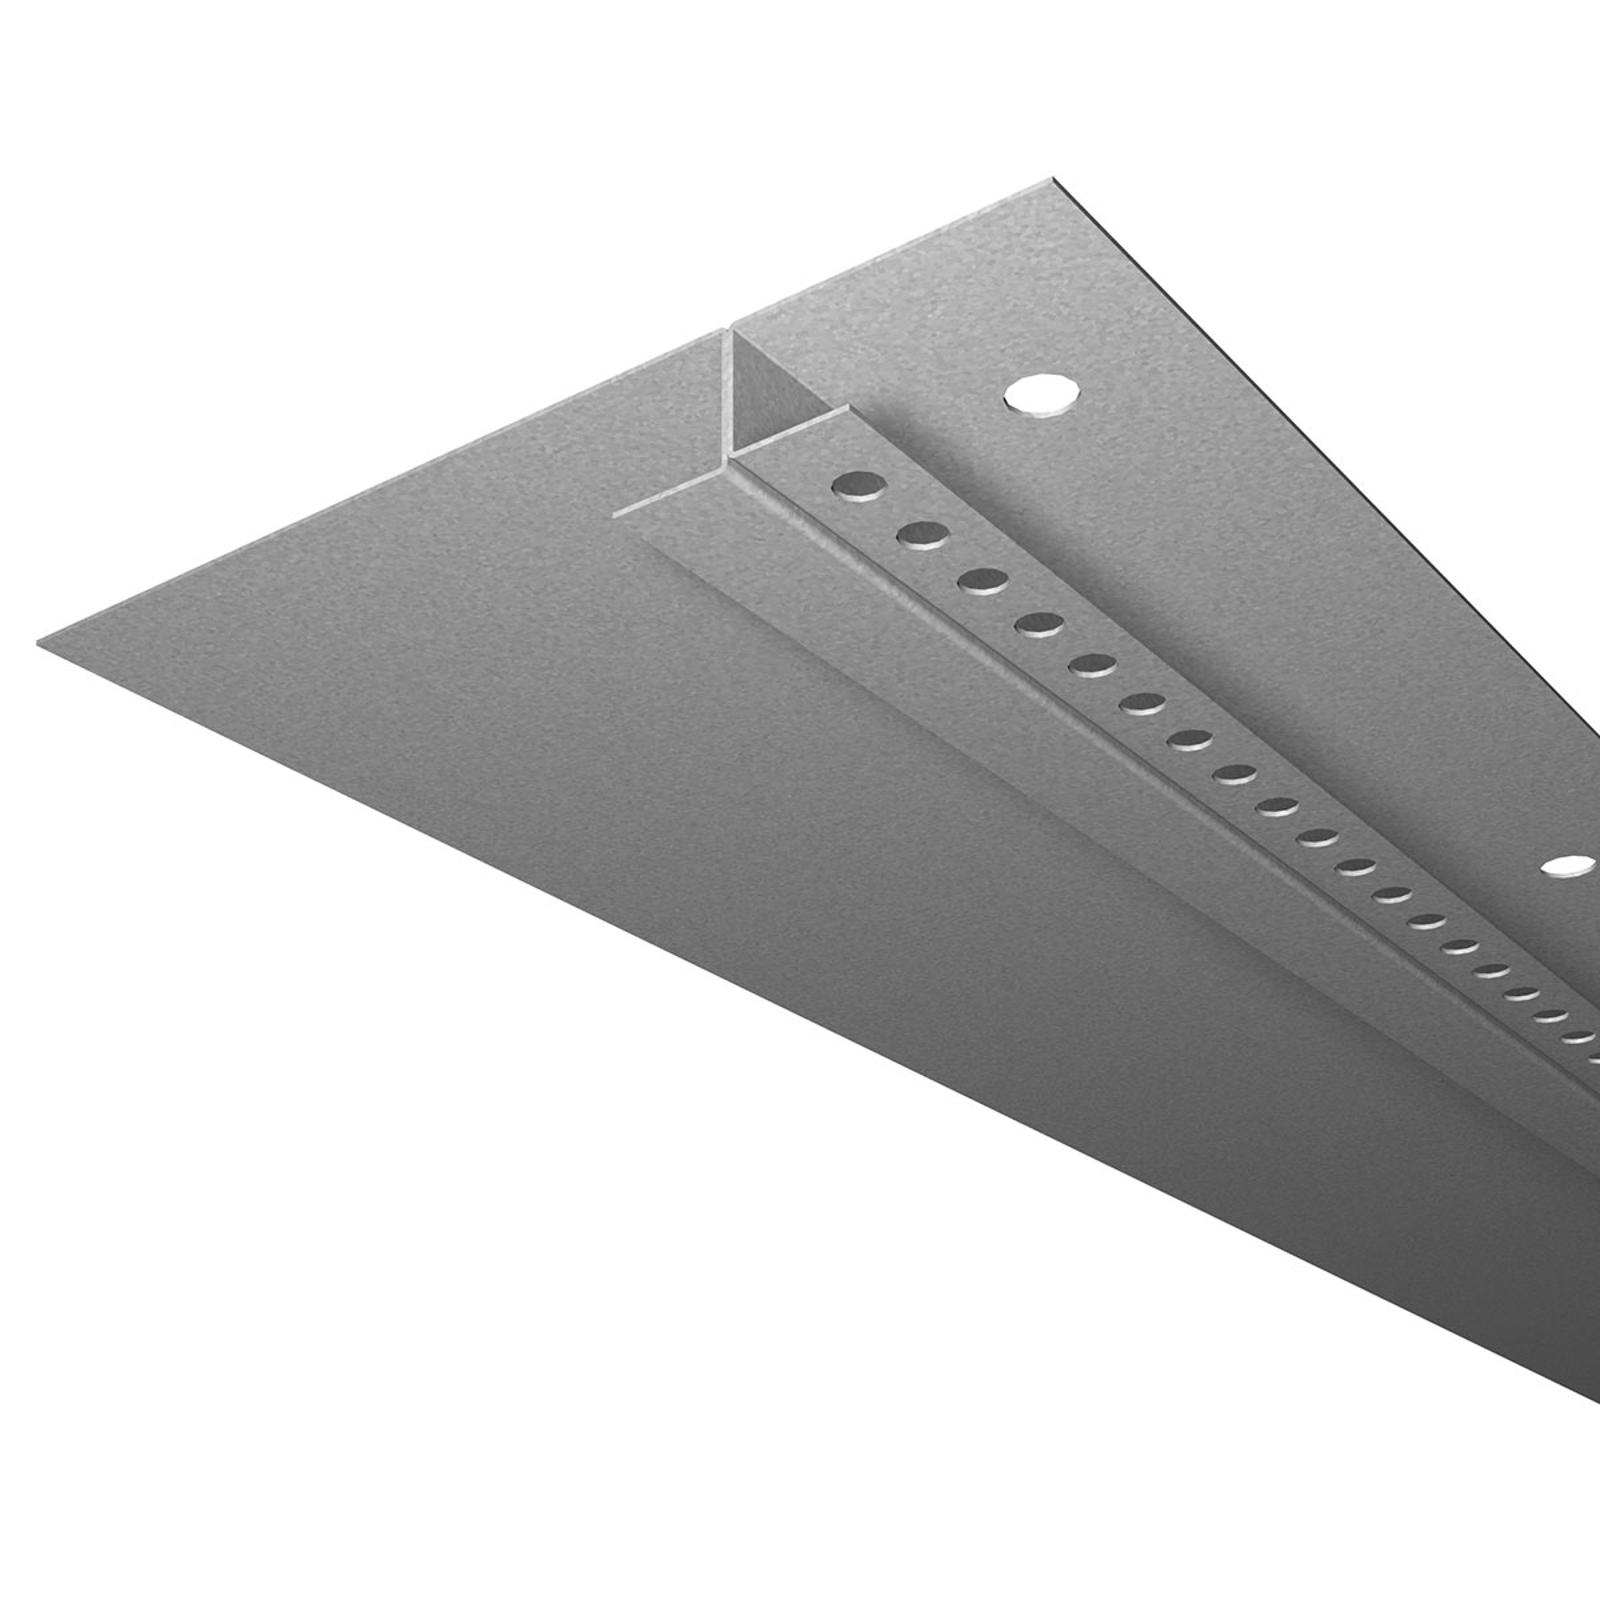 SNL Trockenbauprofil mit Sichtschenkel, 70mm breit